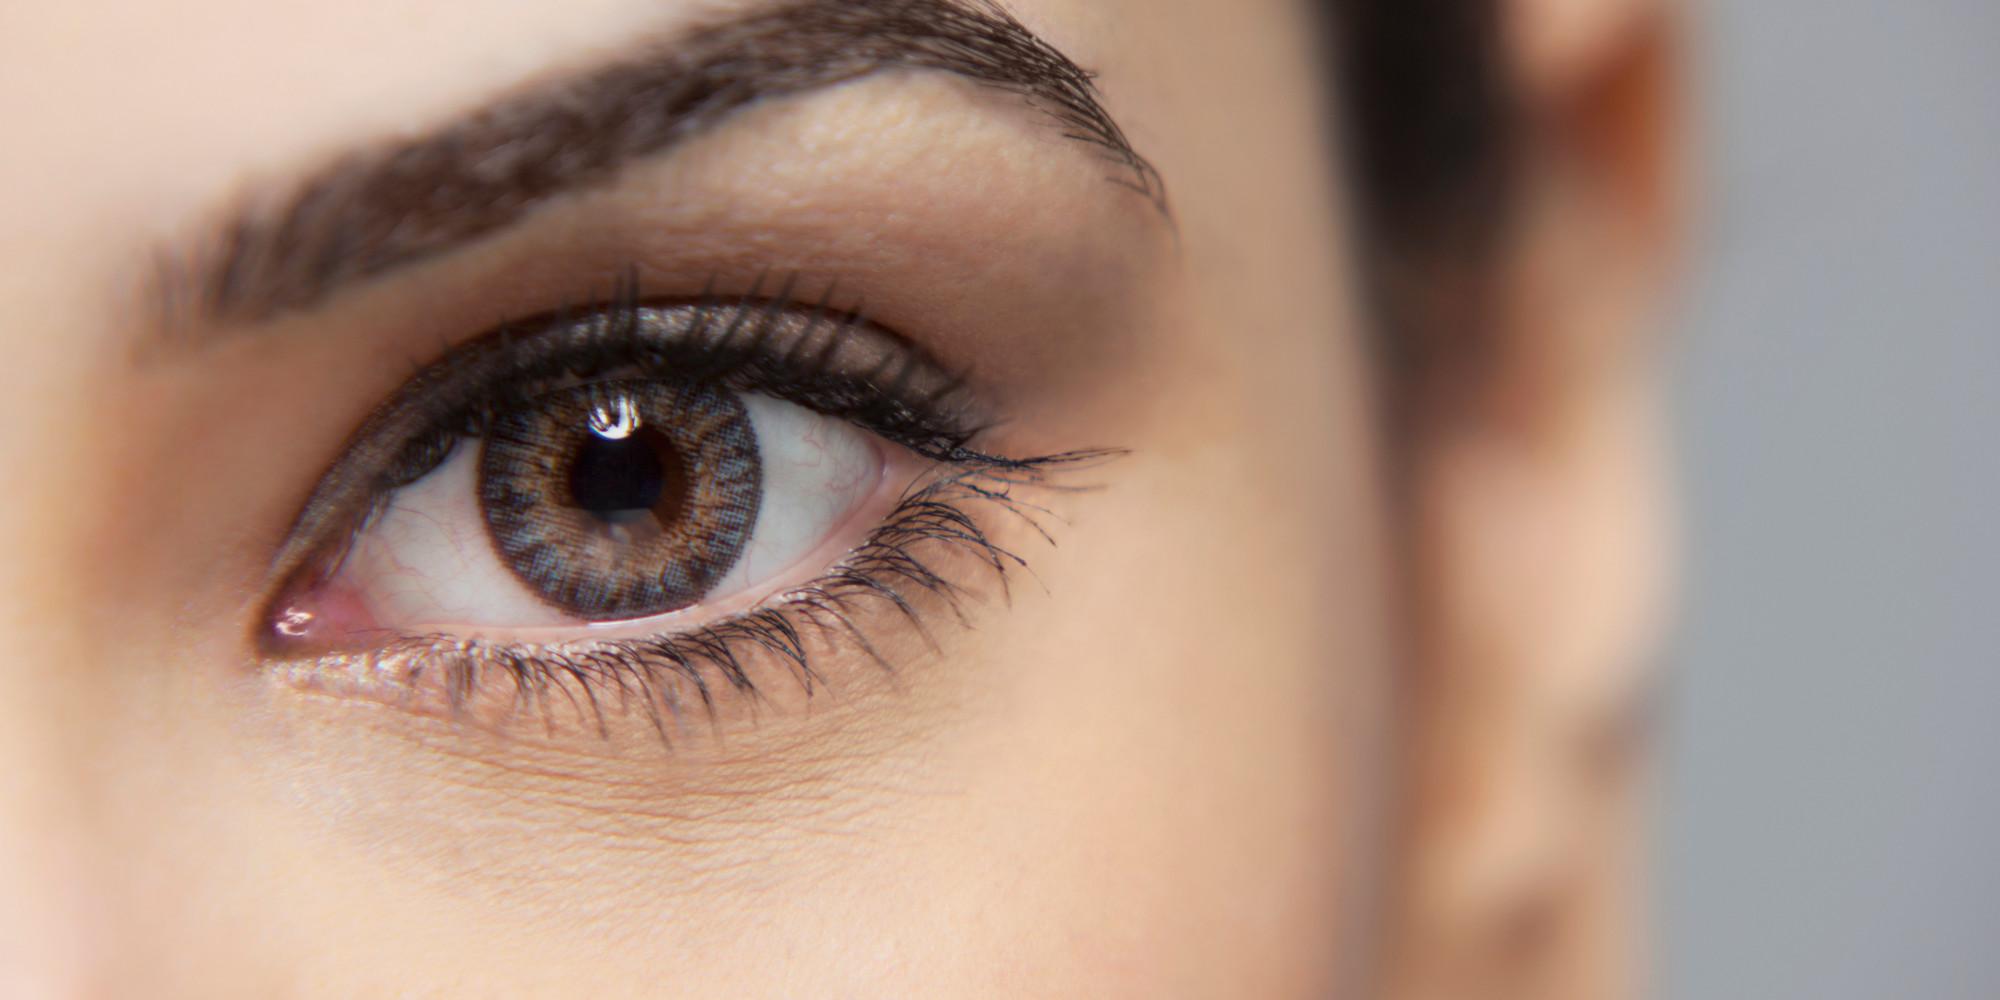 Tava acu krāsa var daudz pastāstīt par taviem dzeršanas ieradumiem